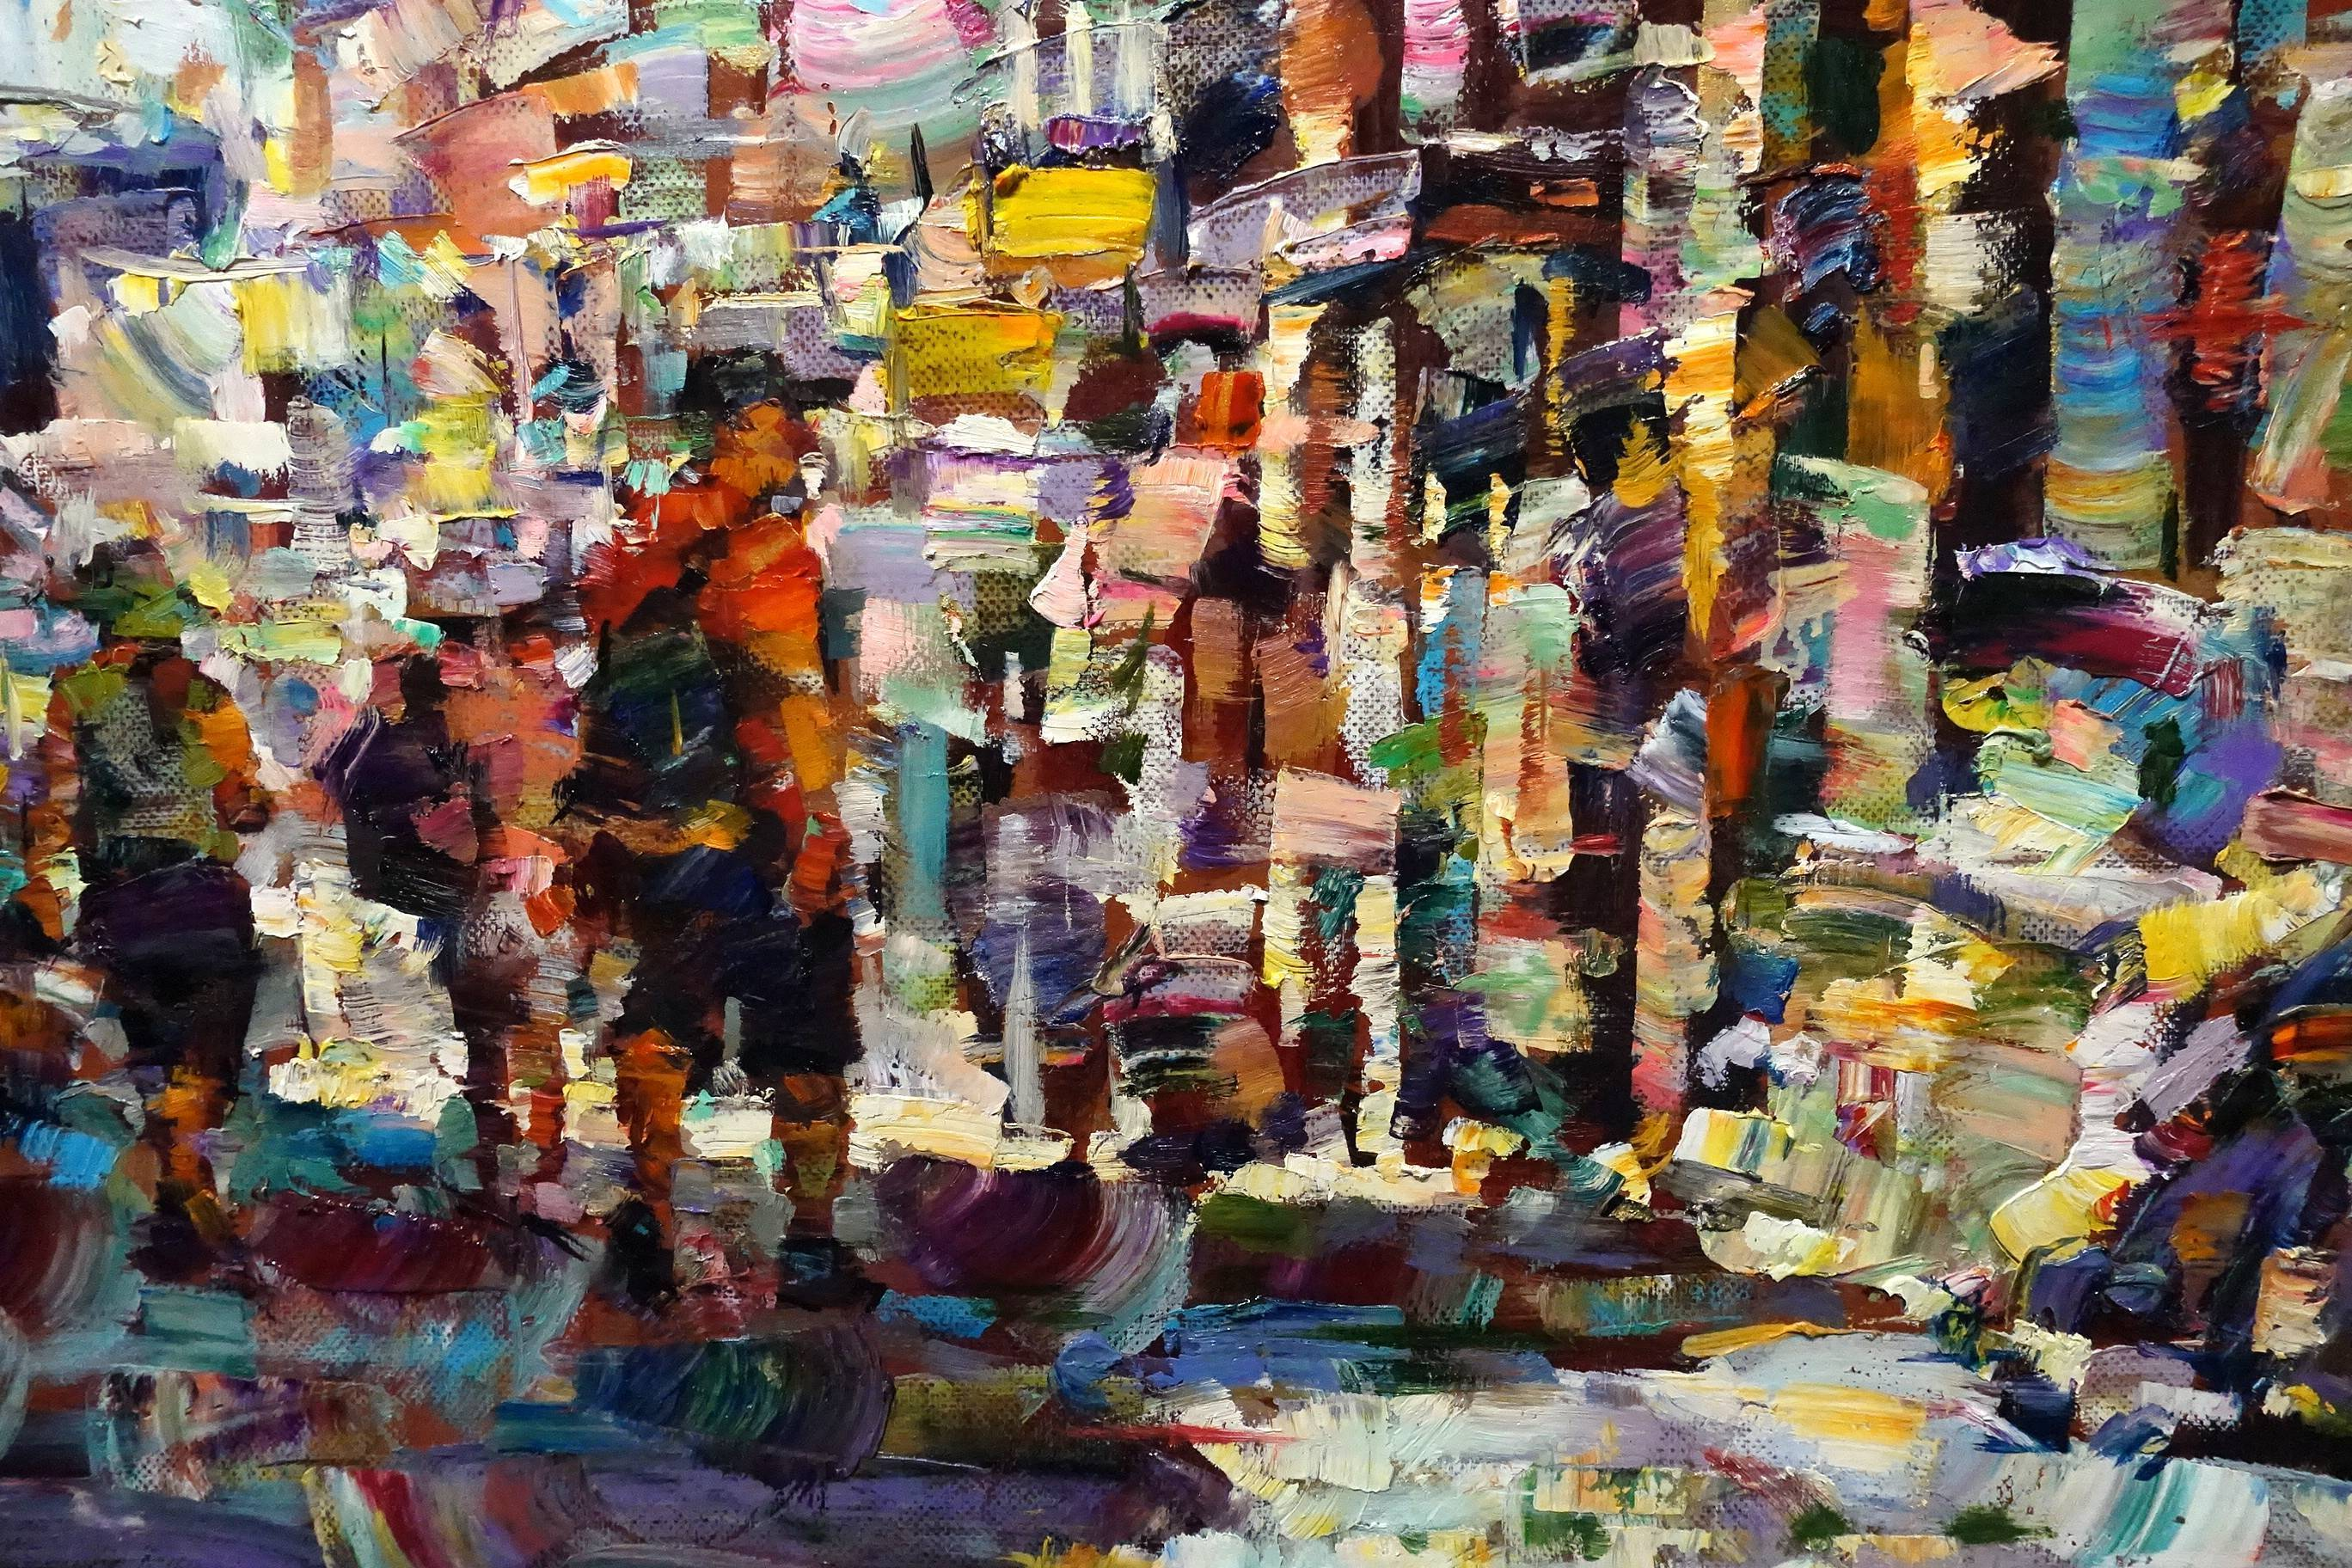 翁明哲作品《亞維拉之拱》,2018年。